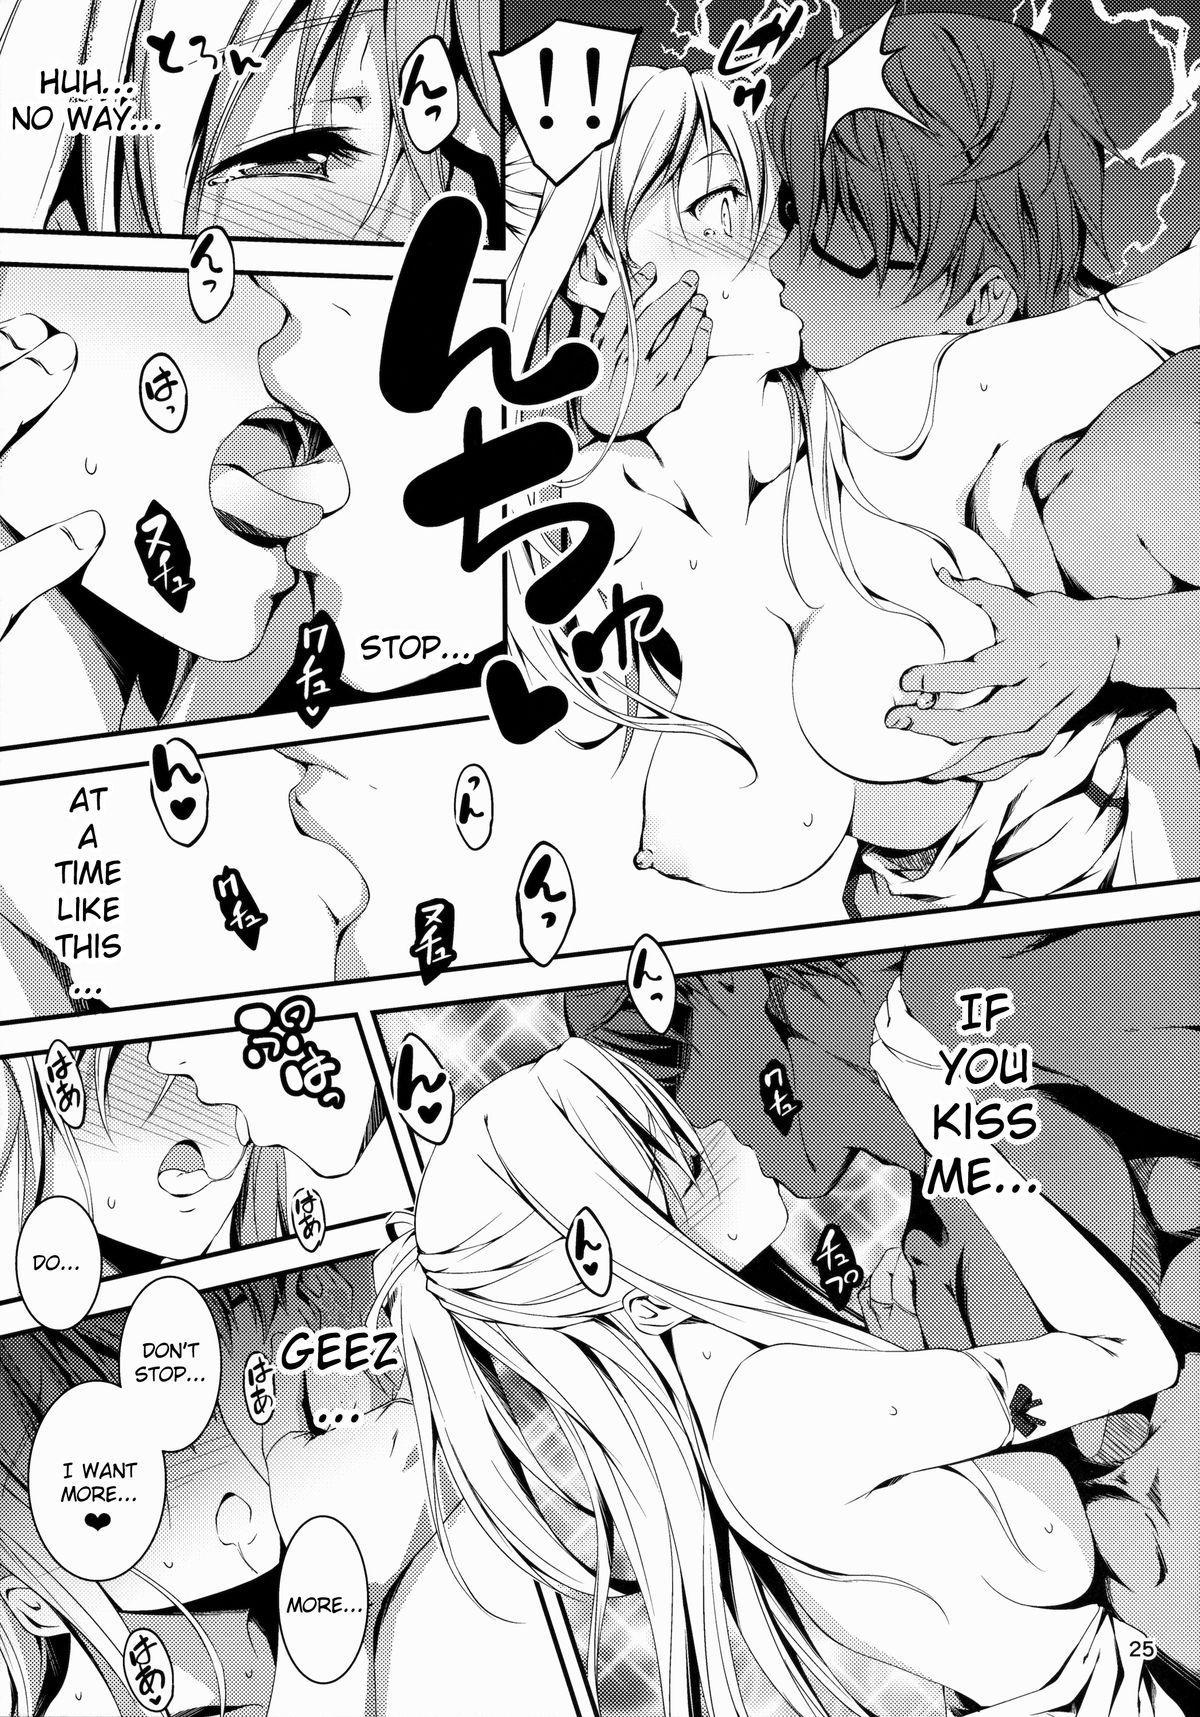 Kuro no Ryman to Kishi Yufia 25